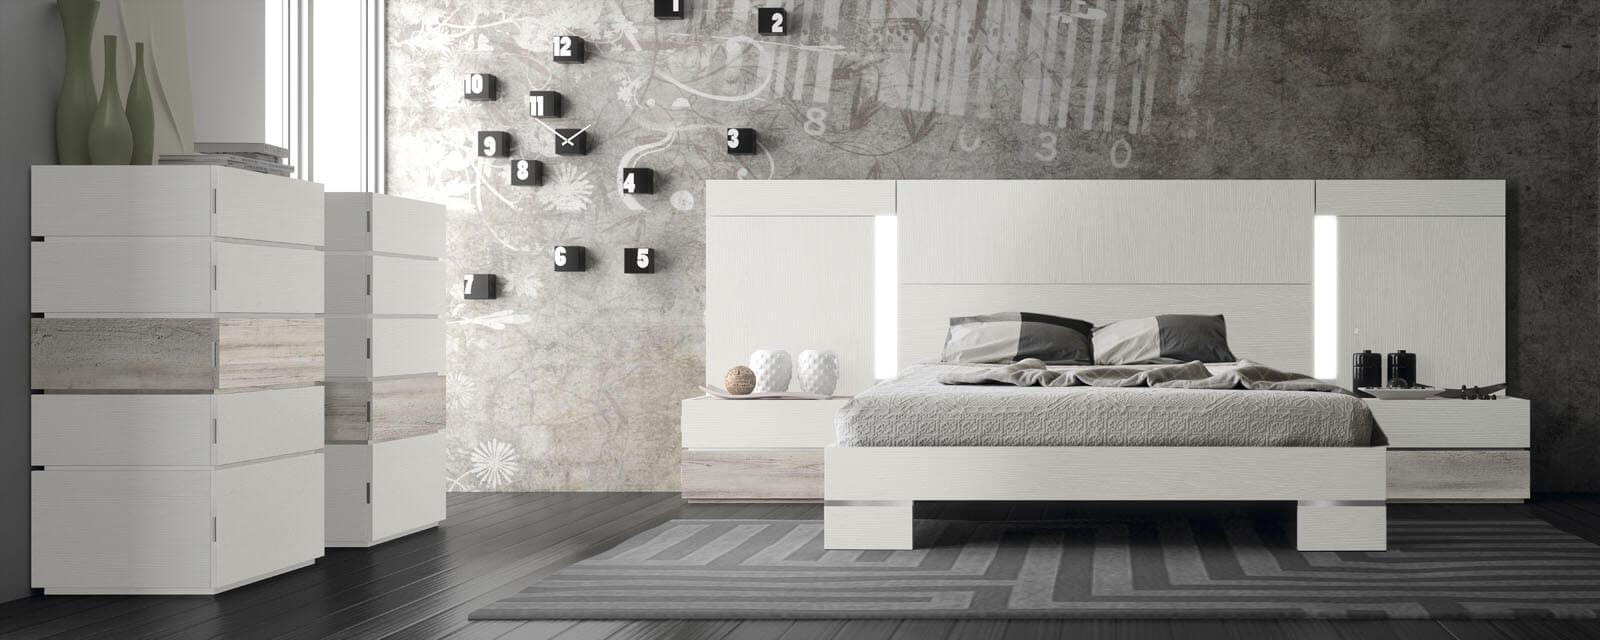 Dormitorio-de-matrimonio-GLICERIO CHAVES